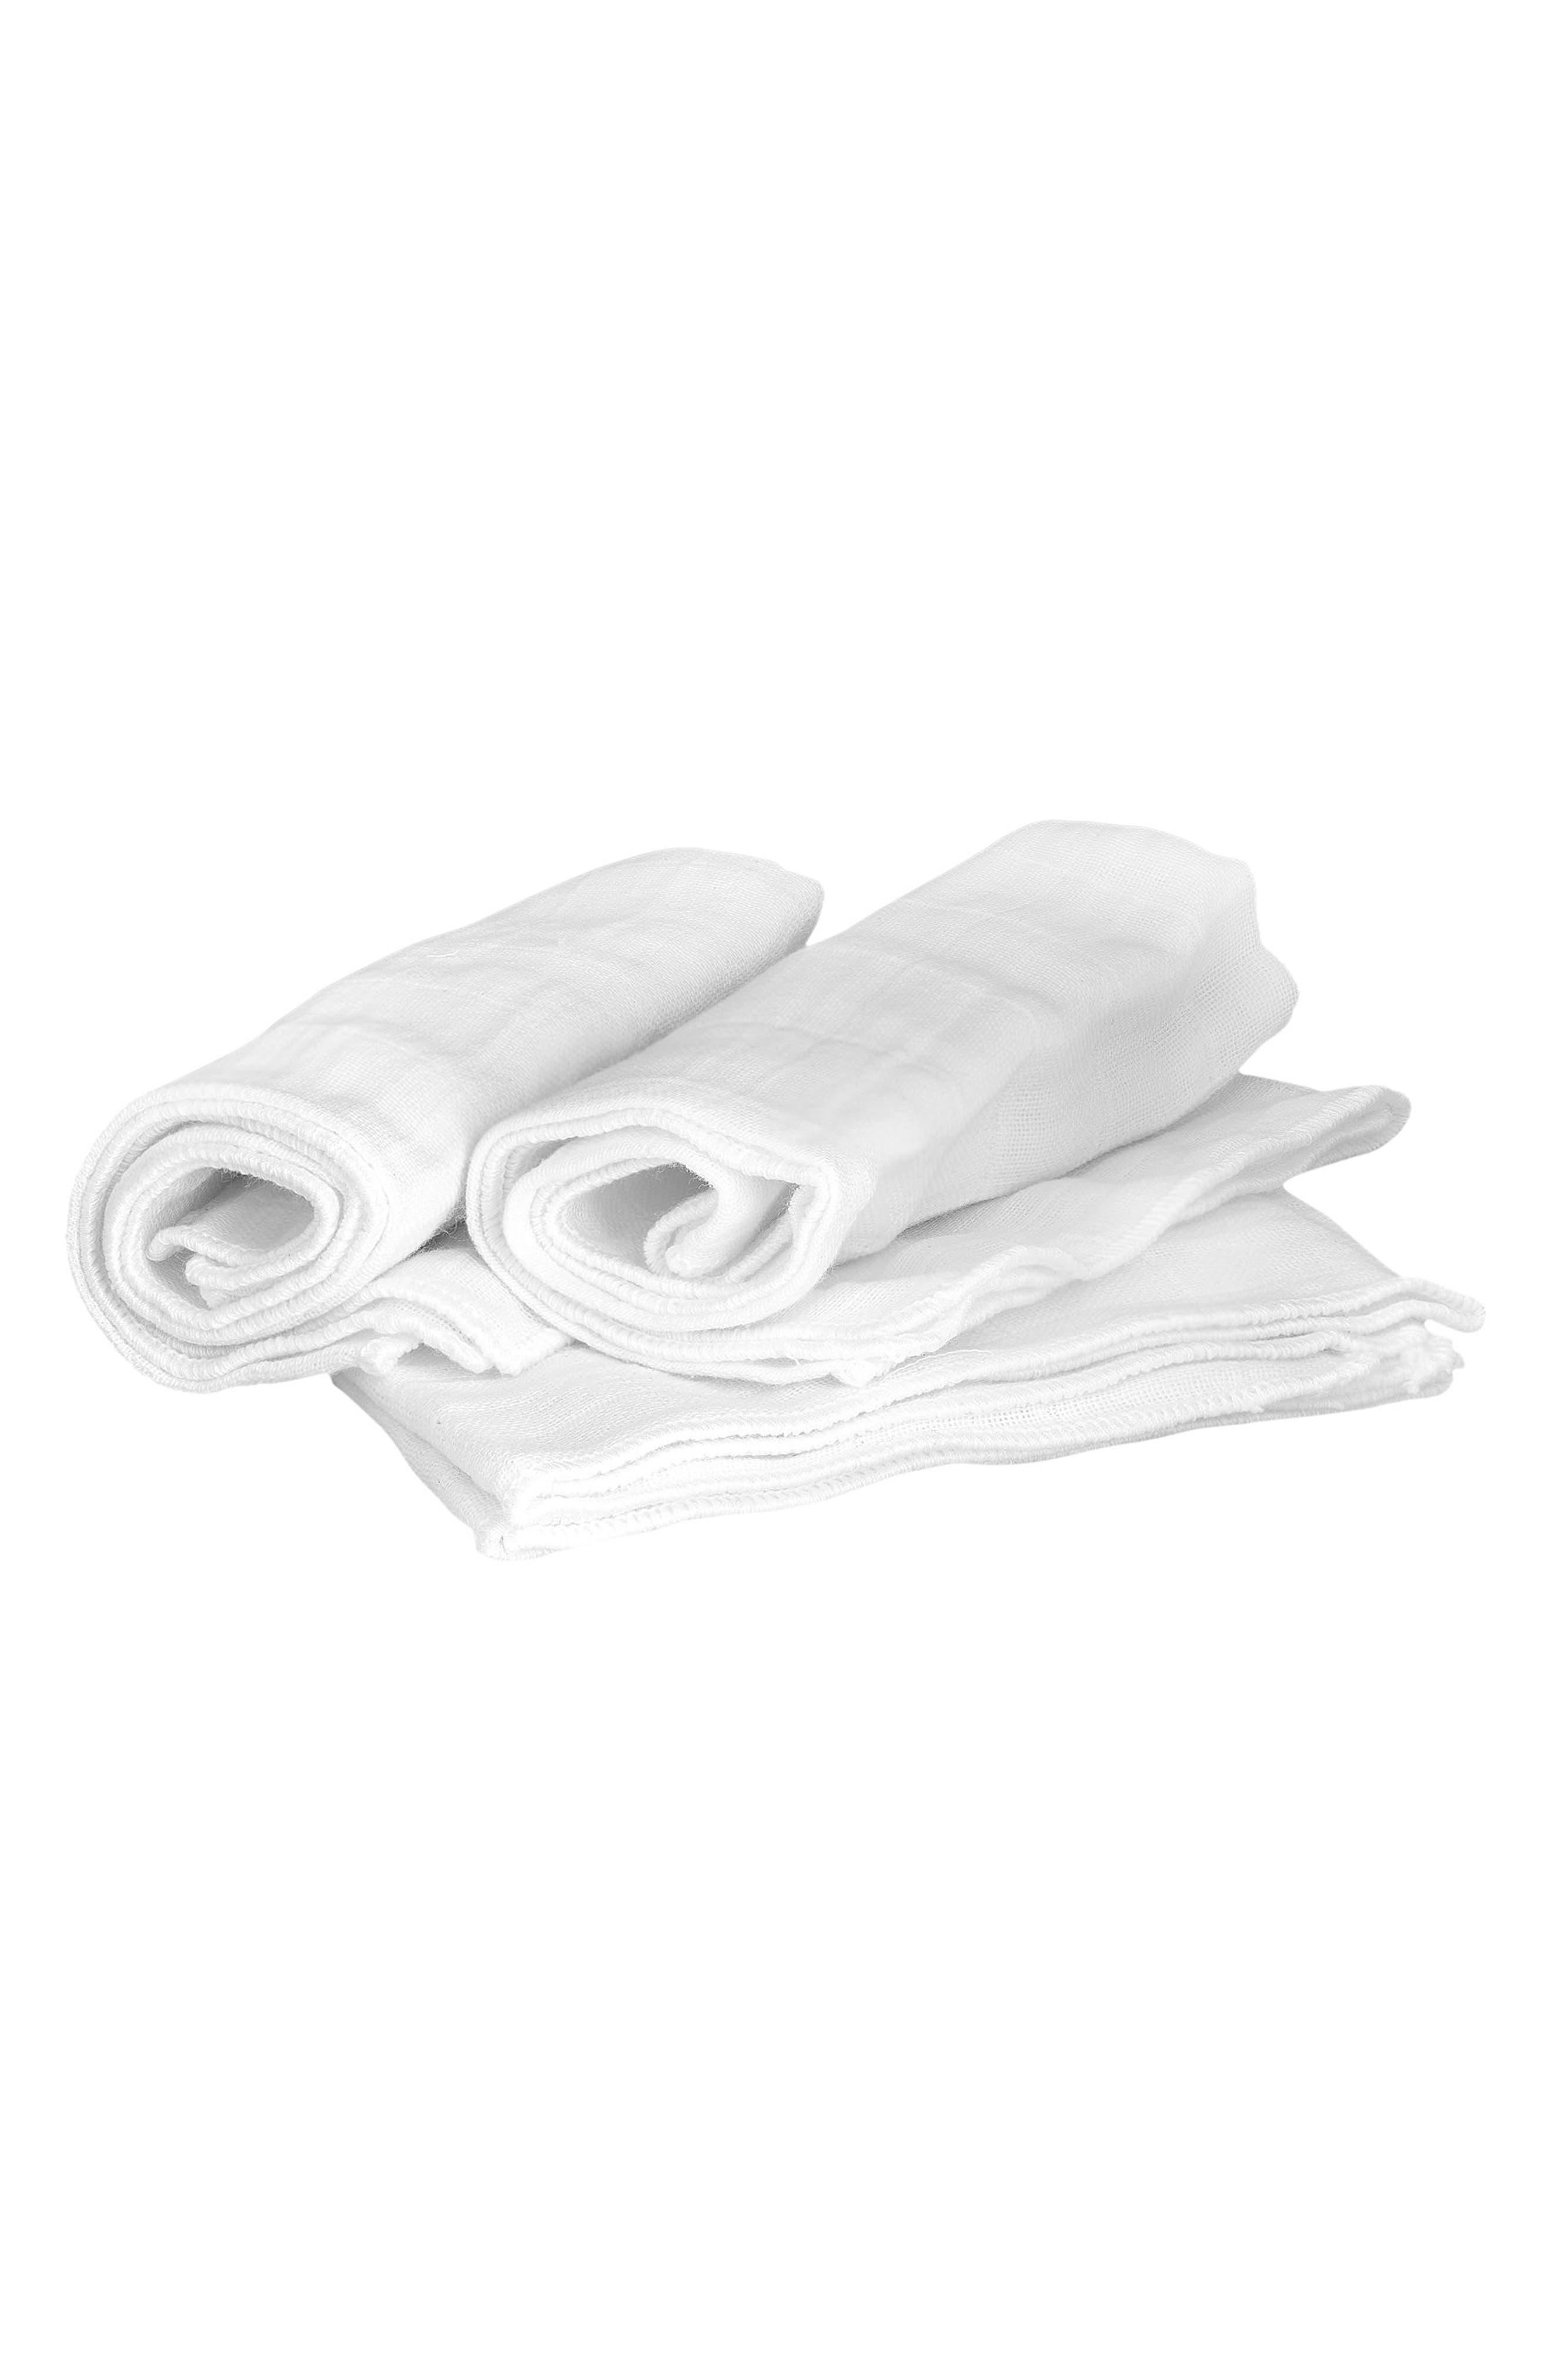 3-Pack Muslin Cloth,                             Main thumbnail 1, color,                             NO COLOR